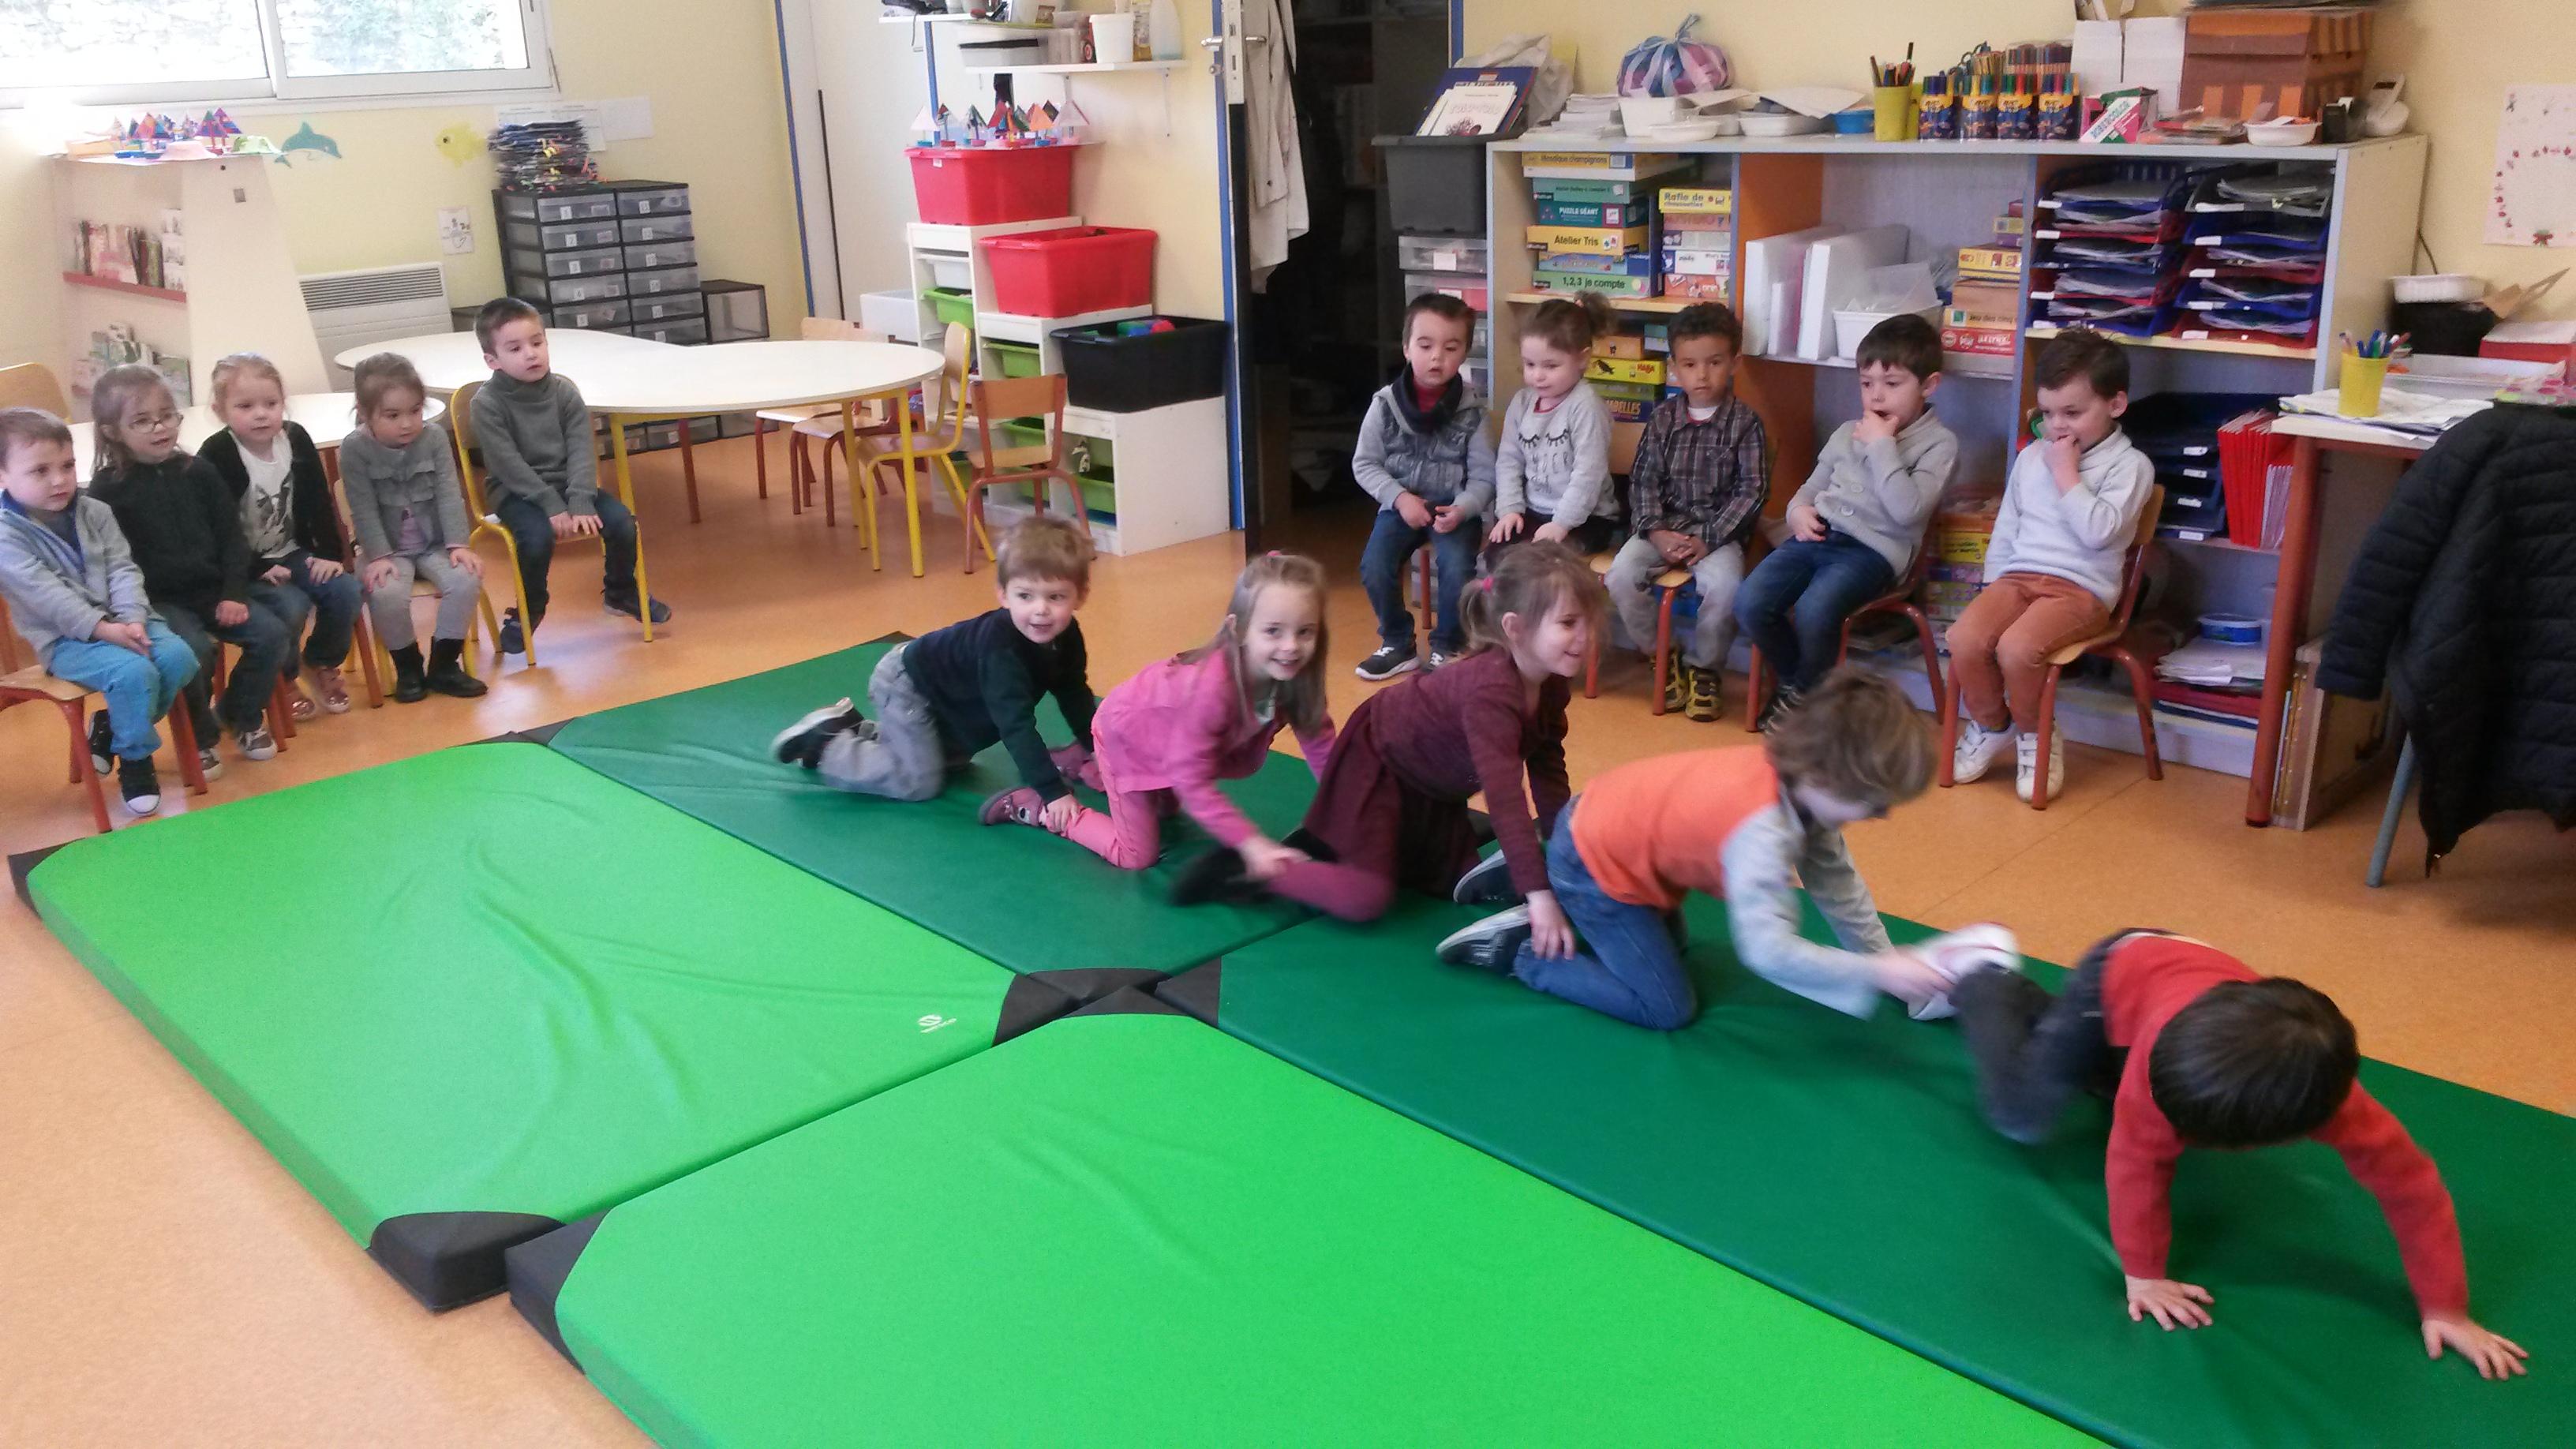 rencontres sportives maternelle site de rencontre gratuit indre